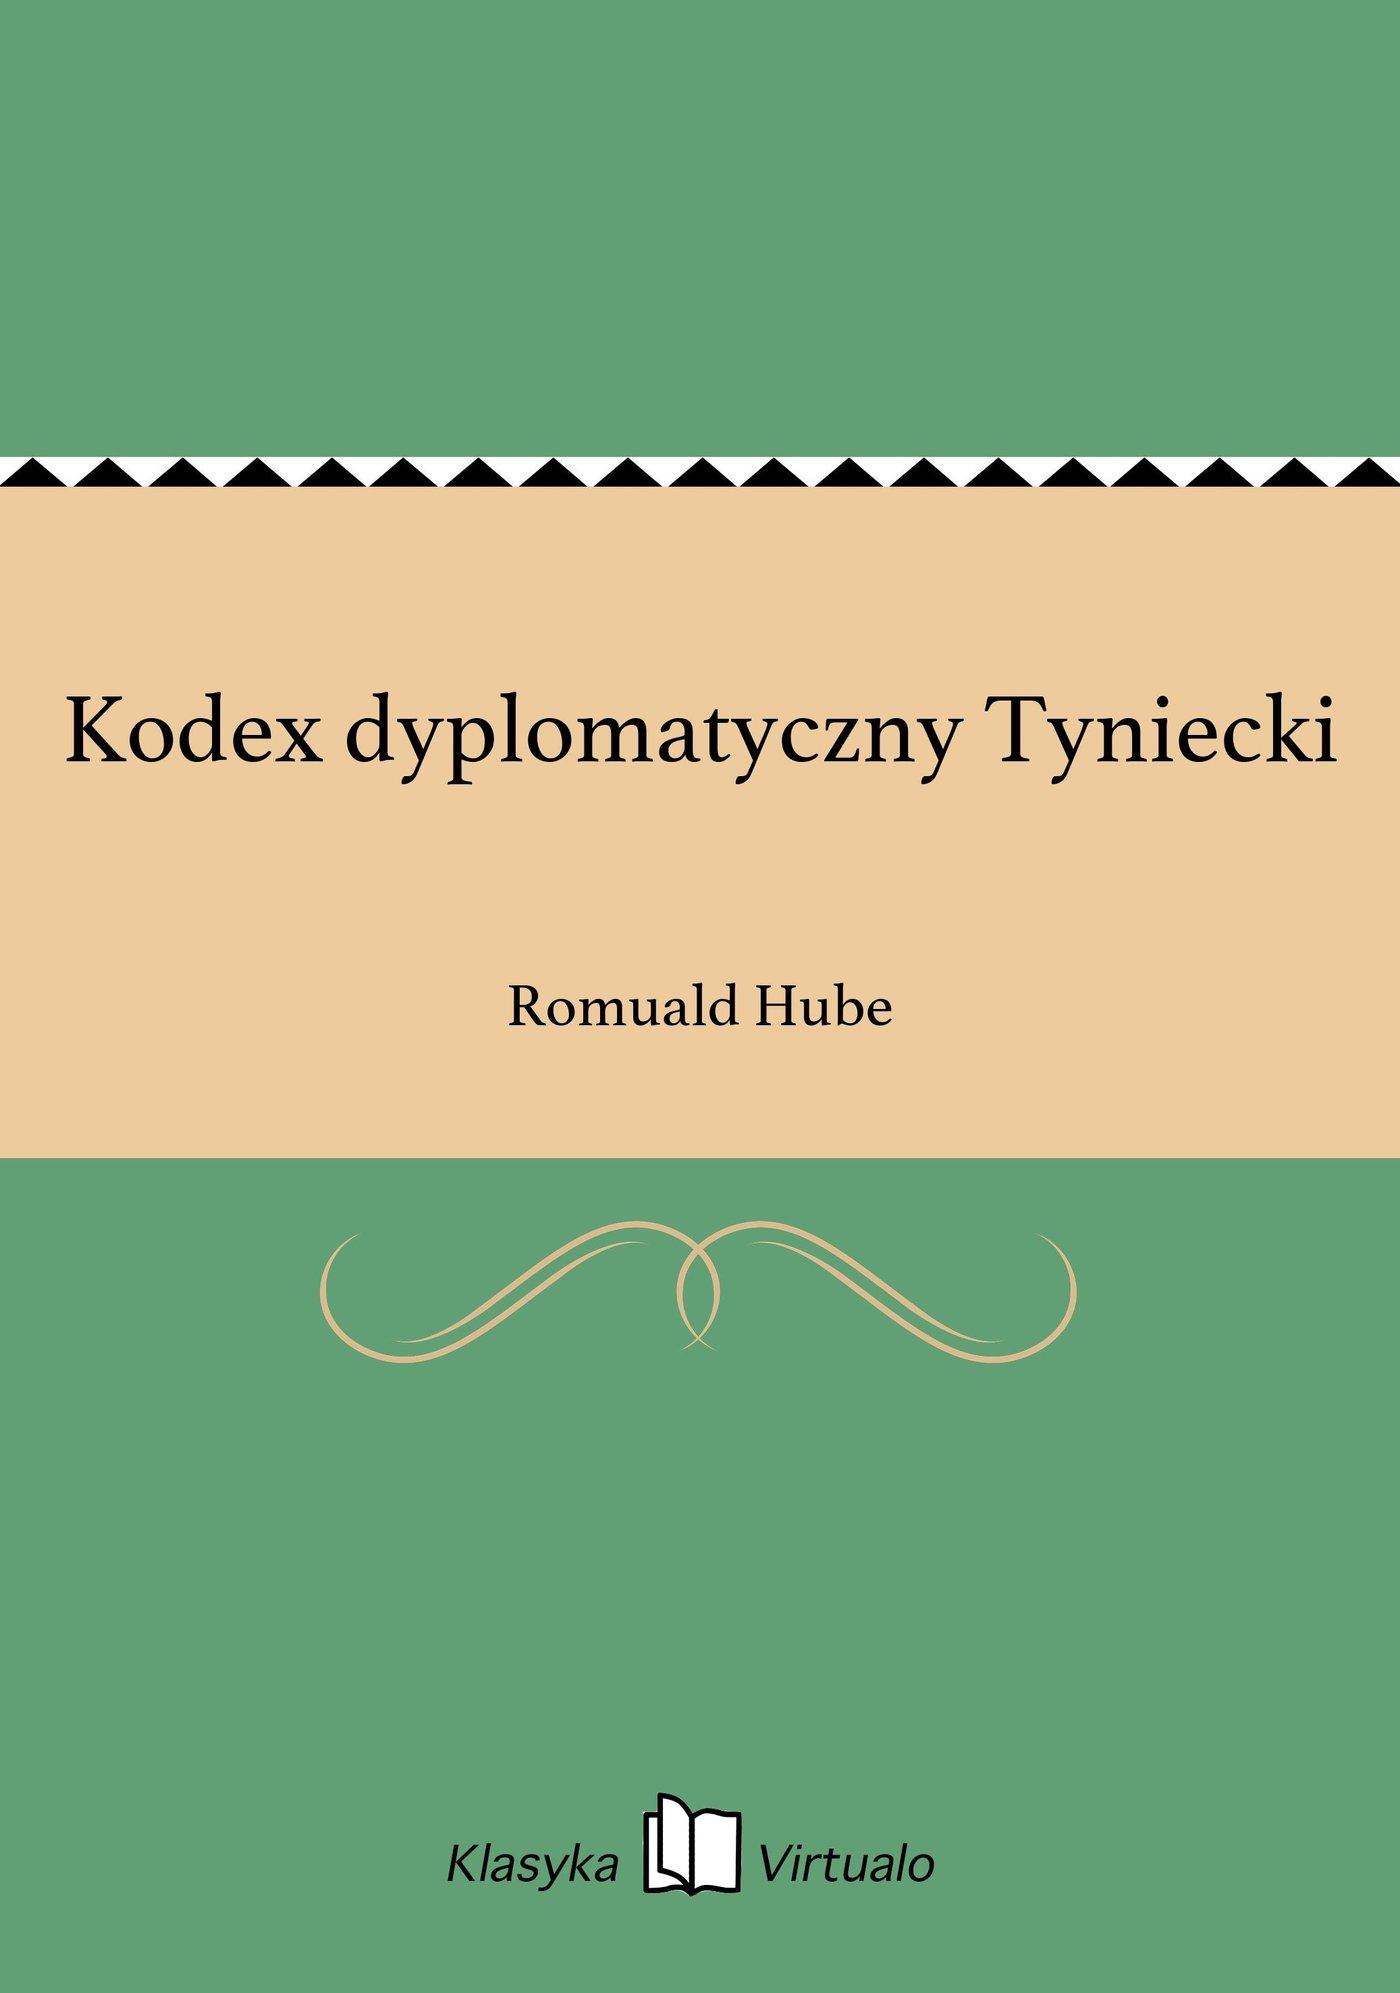 Kodex dyplomatyczny Tyniecki - Ebook (Książka EPUB) do pobrania w formacie EPUB